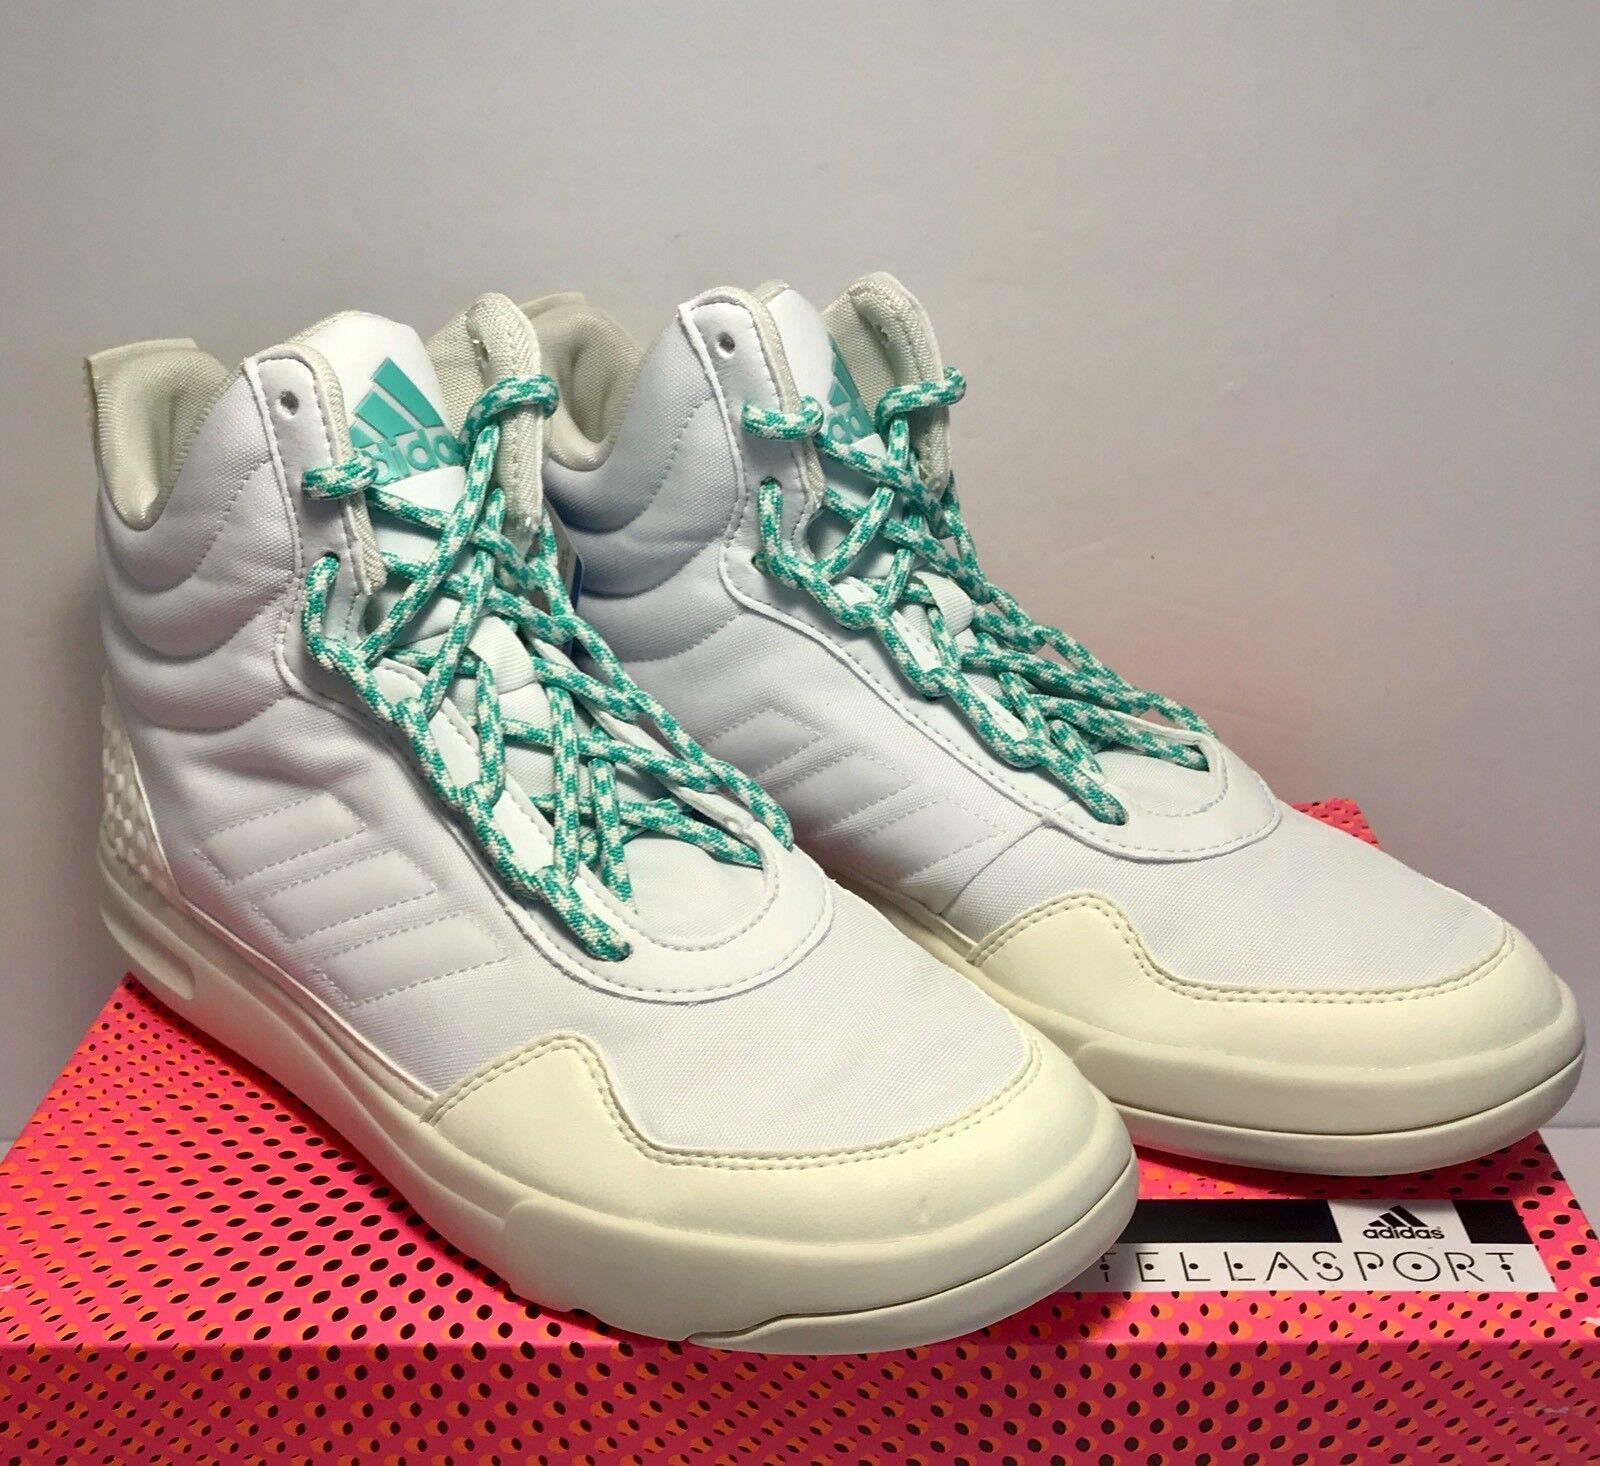 Adidas donne taglia 10 le stellasport performance irana bianco le 10 scarpe verdi. e26cf3